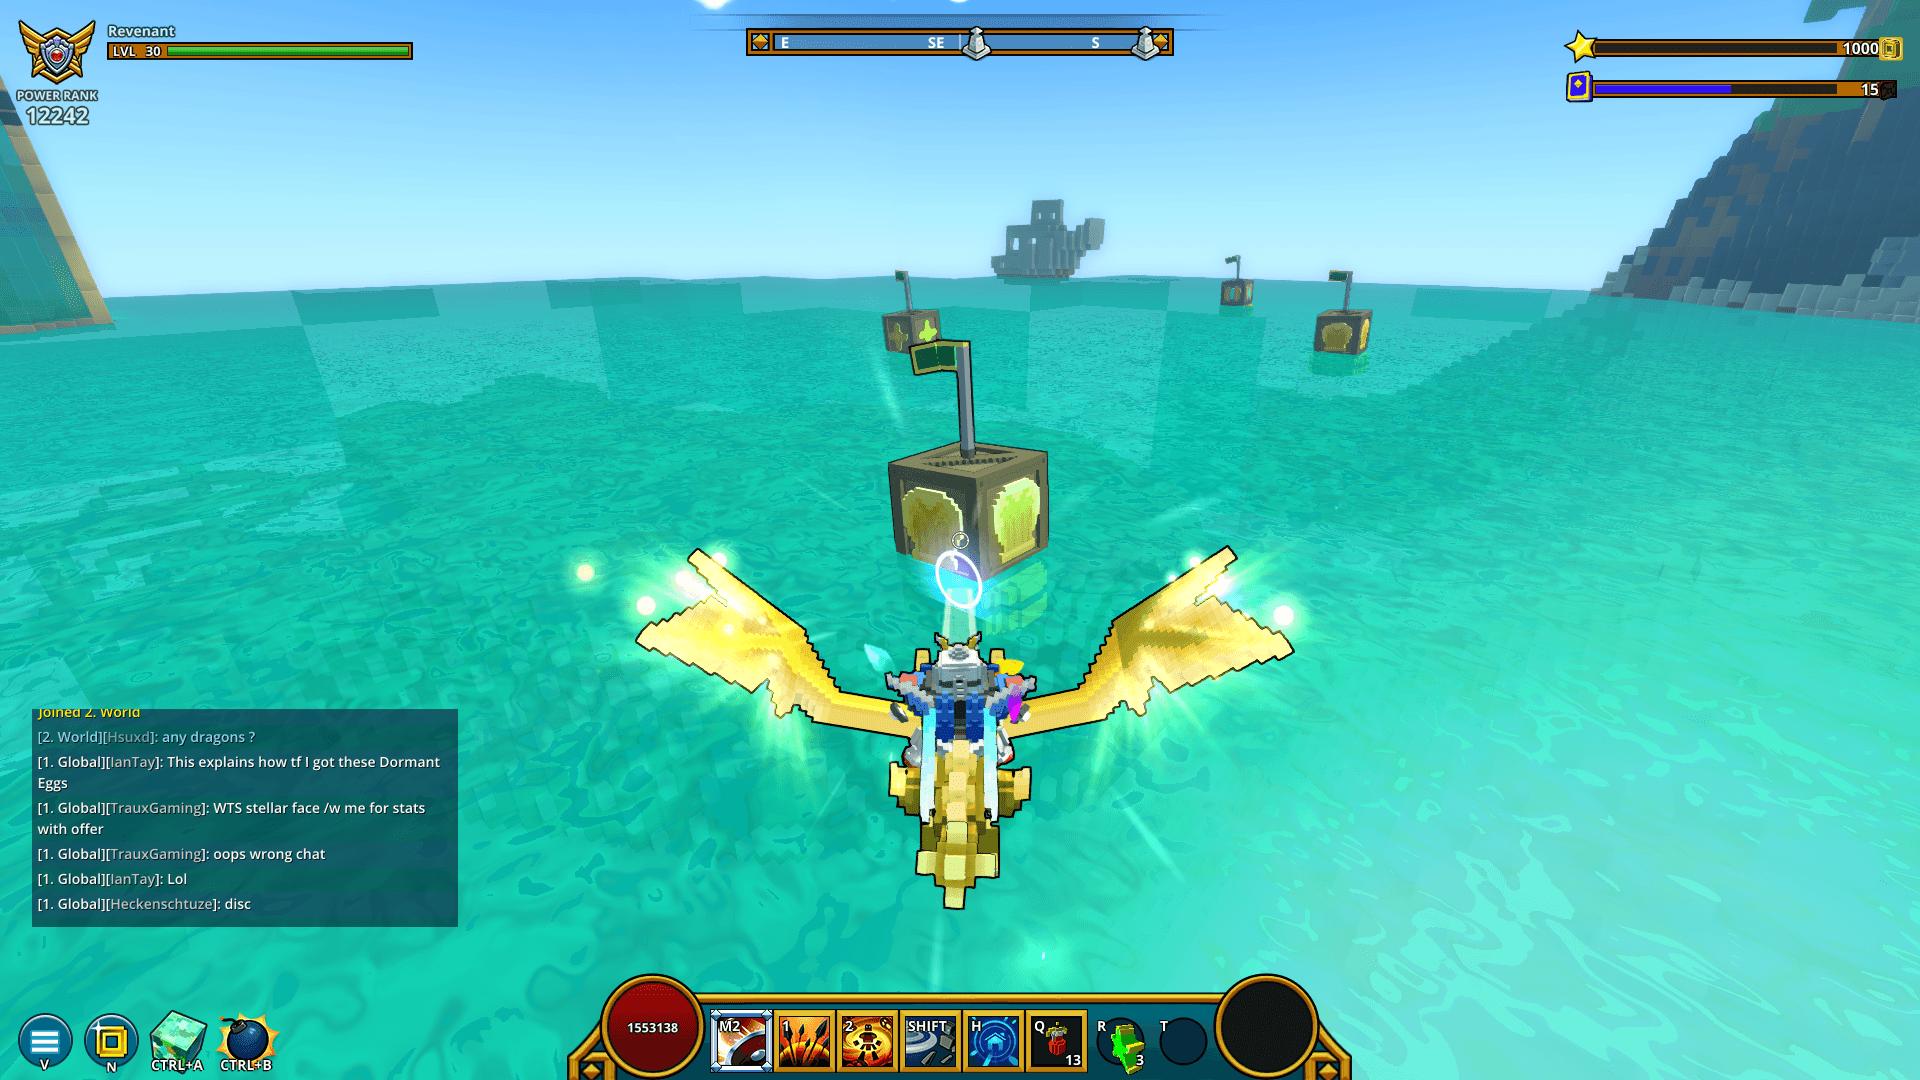 Dragon shooting a Golden Seashell crate